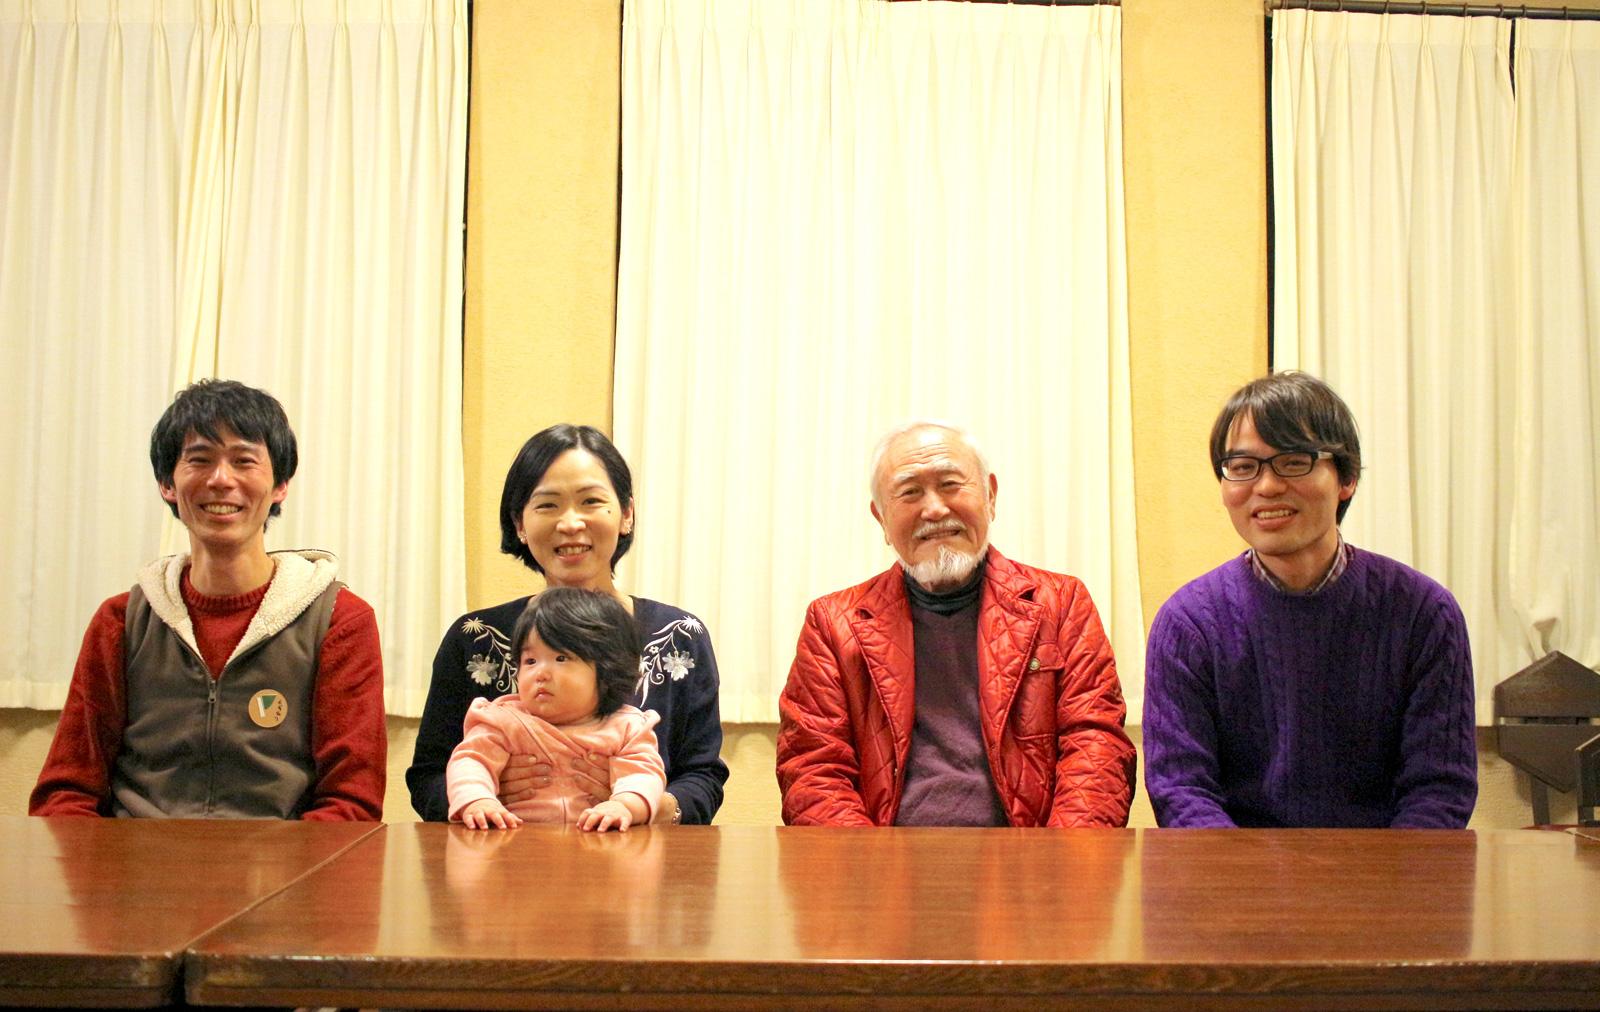 お話しを伺った4名。左から良品計画の佐藤さん、地域住民の山ノ内さん、上り屋敷町会長の重田さん、豊島区の藤井さん。